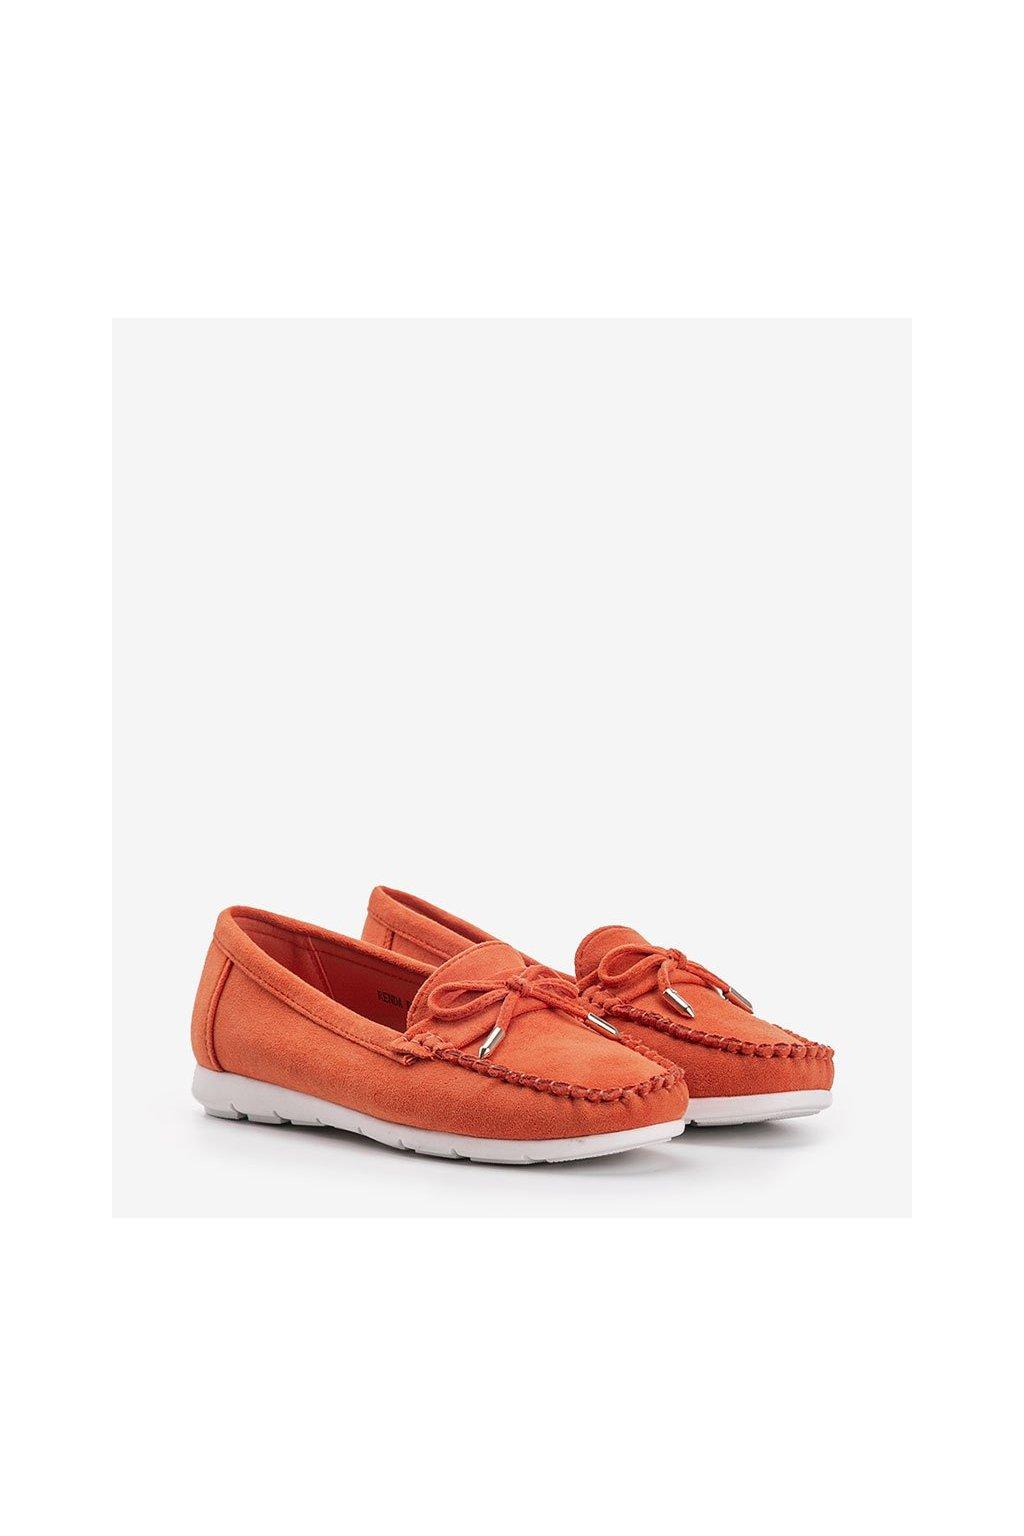 Dámske topánky mokasíny oranžové kód RQ-2 - GM